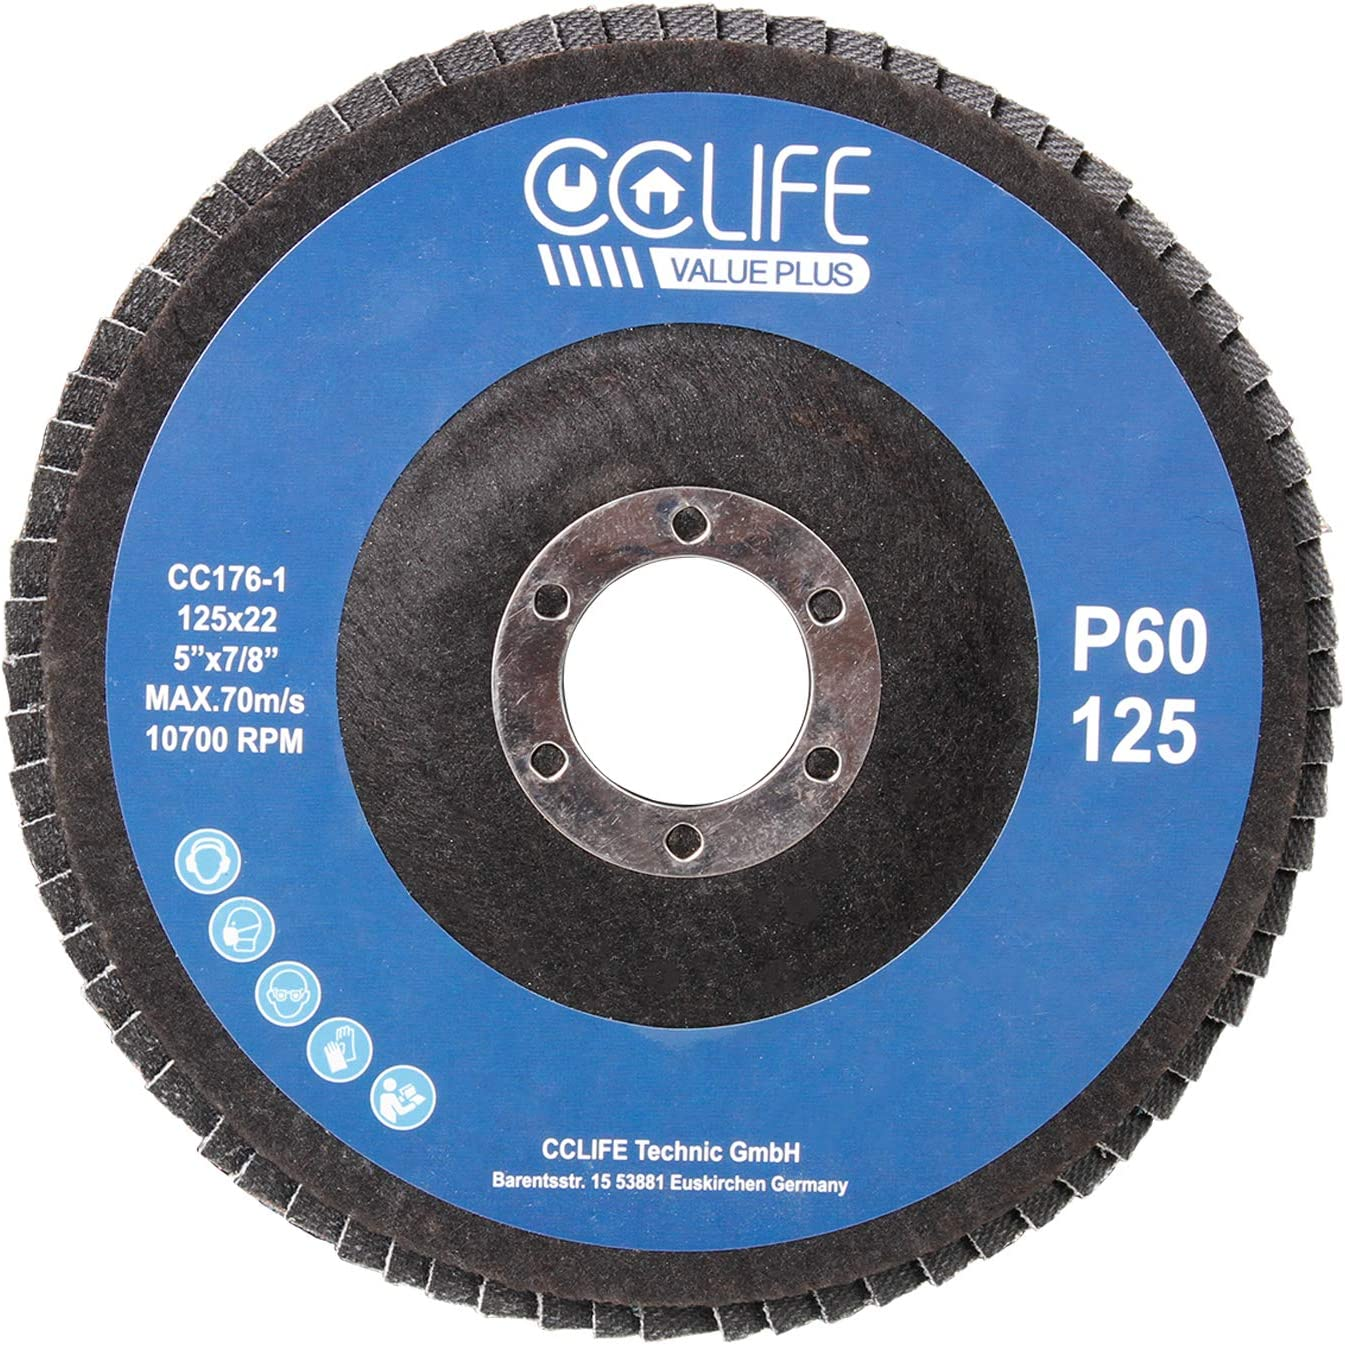 CS Cosddi Lot de 300 disques de pon/çage de 5,1 cm avec 1 tampon arri/ère de 6,35 mm et 1 tampon de pon/çage en mousse souple 80# 120# 180# 240# 400# 600# 1000# 2000# 3000# 5000#